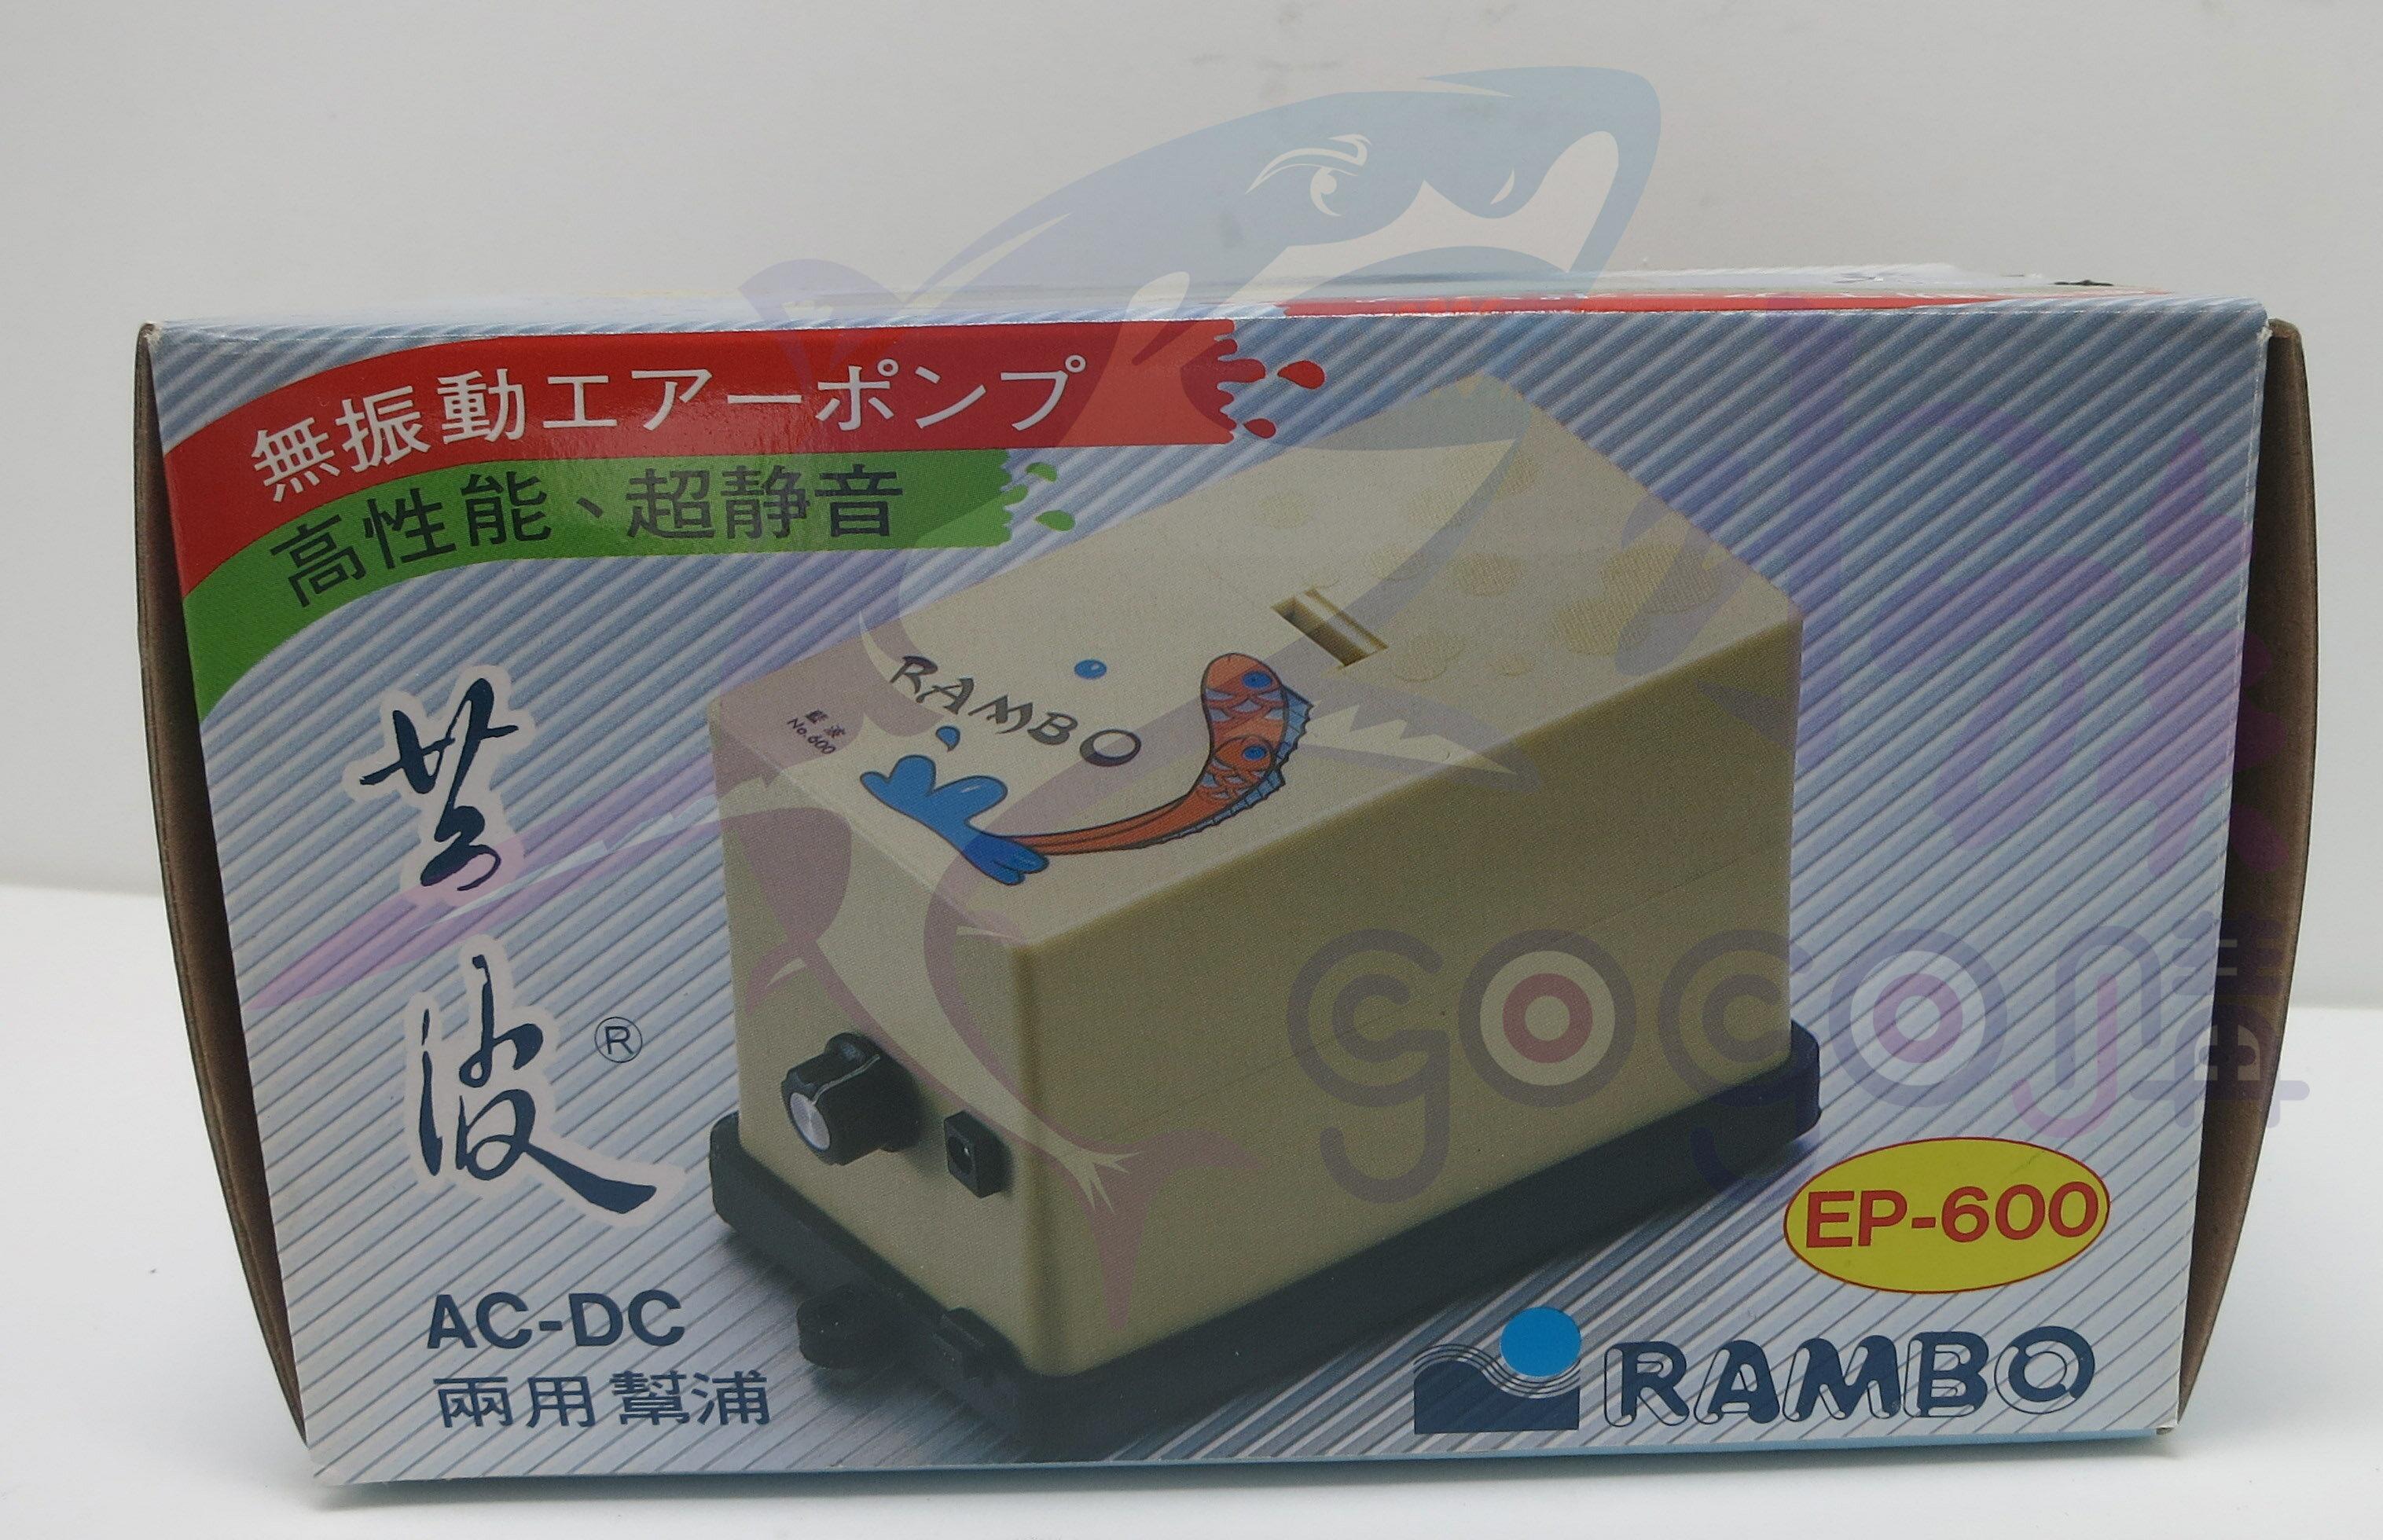 【水族嚇嚇叫】藍波 強力 打氣幫浦 靜音 省電 低震度 不斷電 中小型魚缸適用 EP600